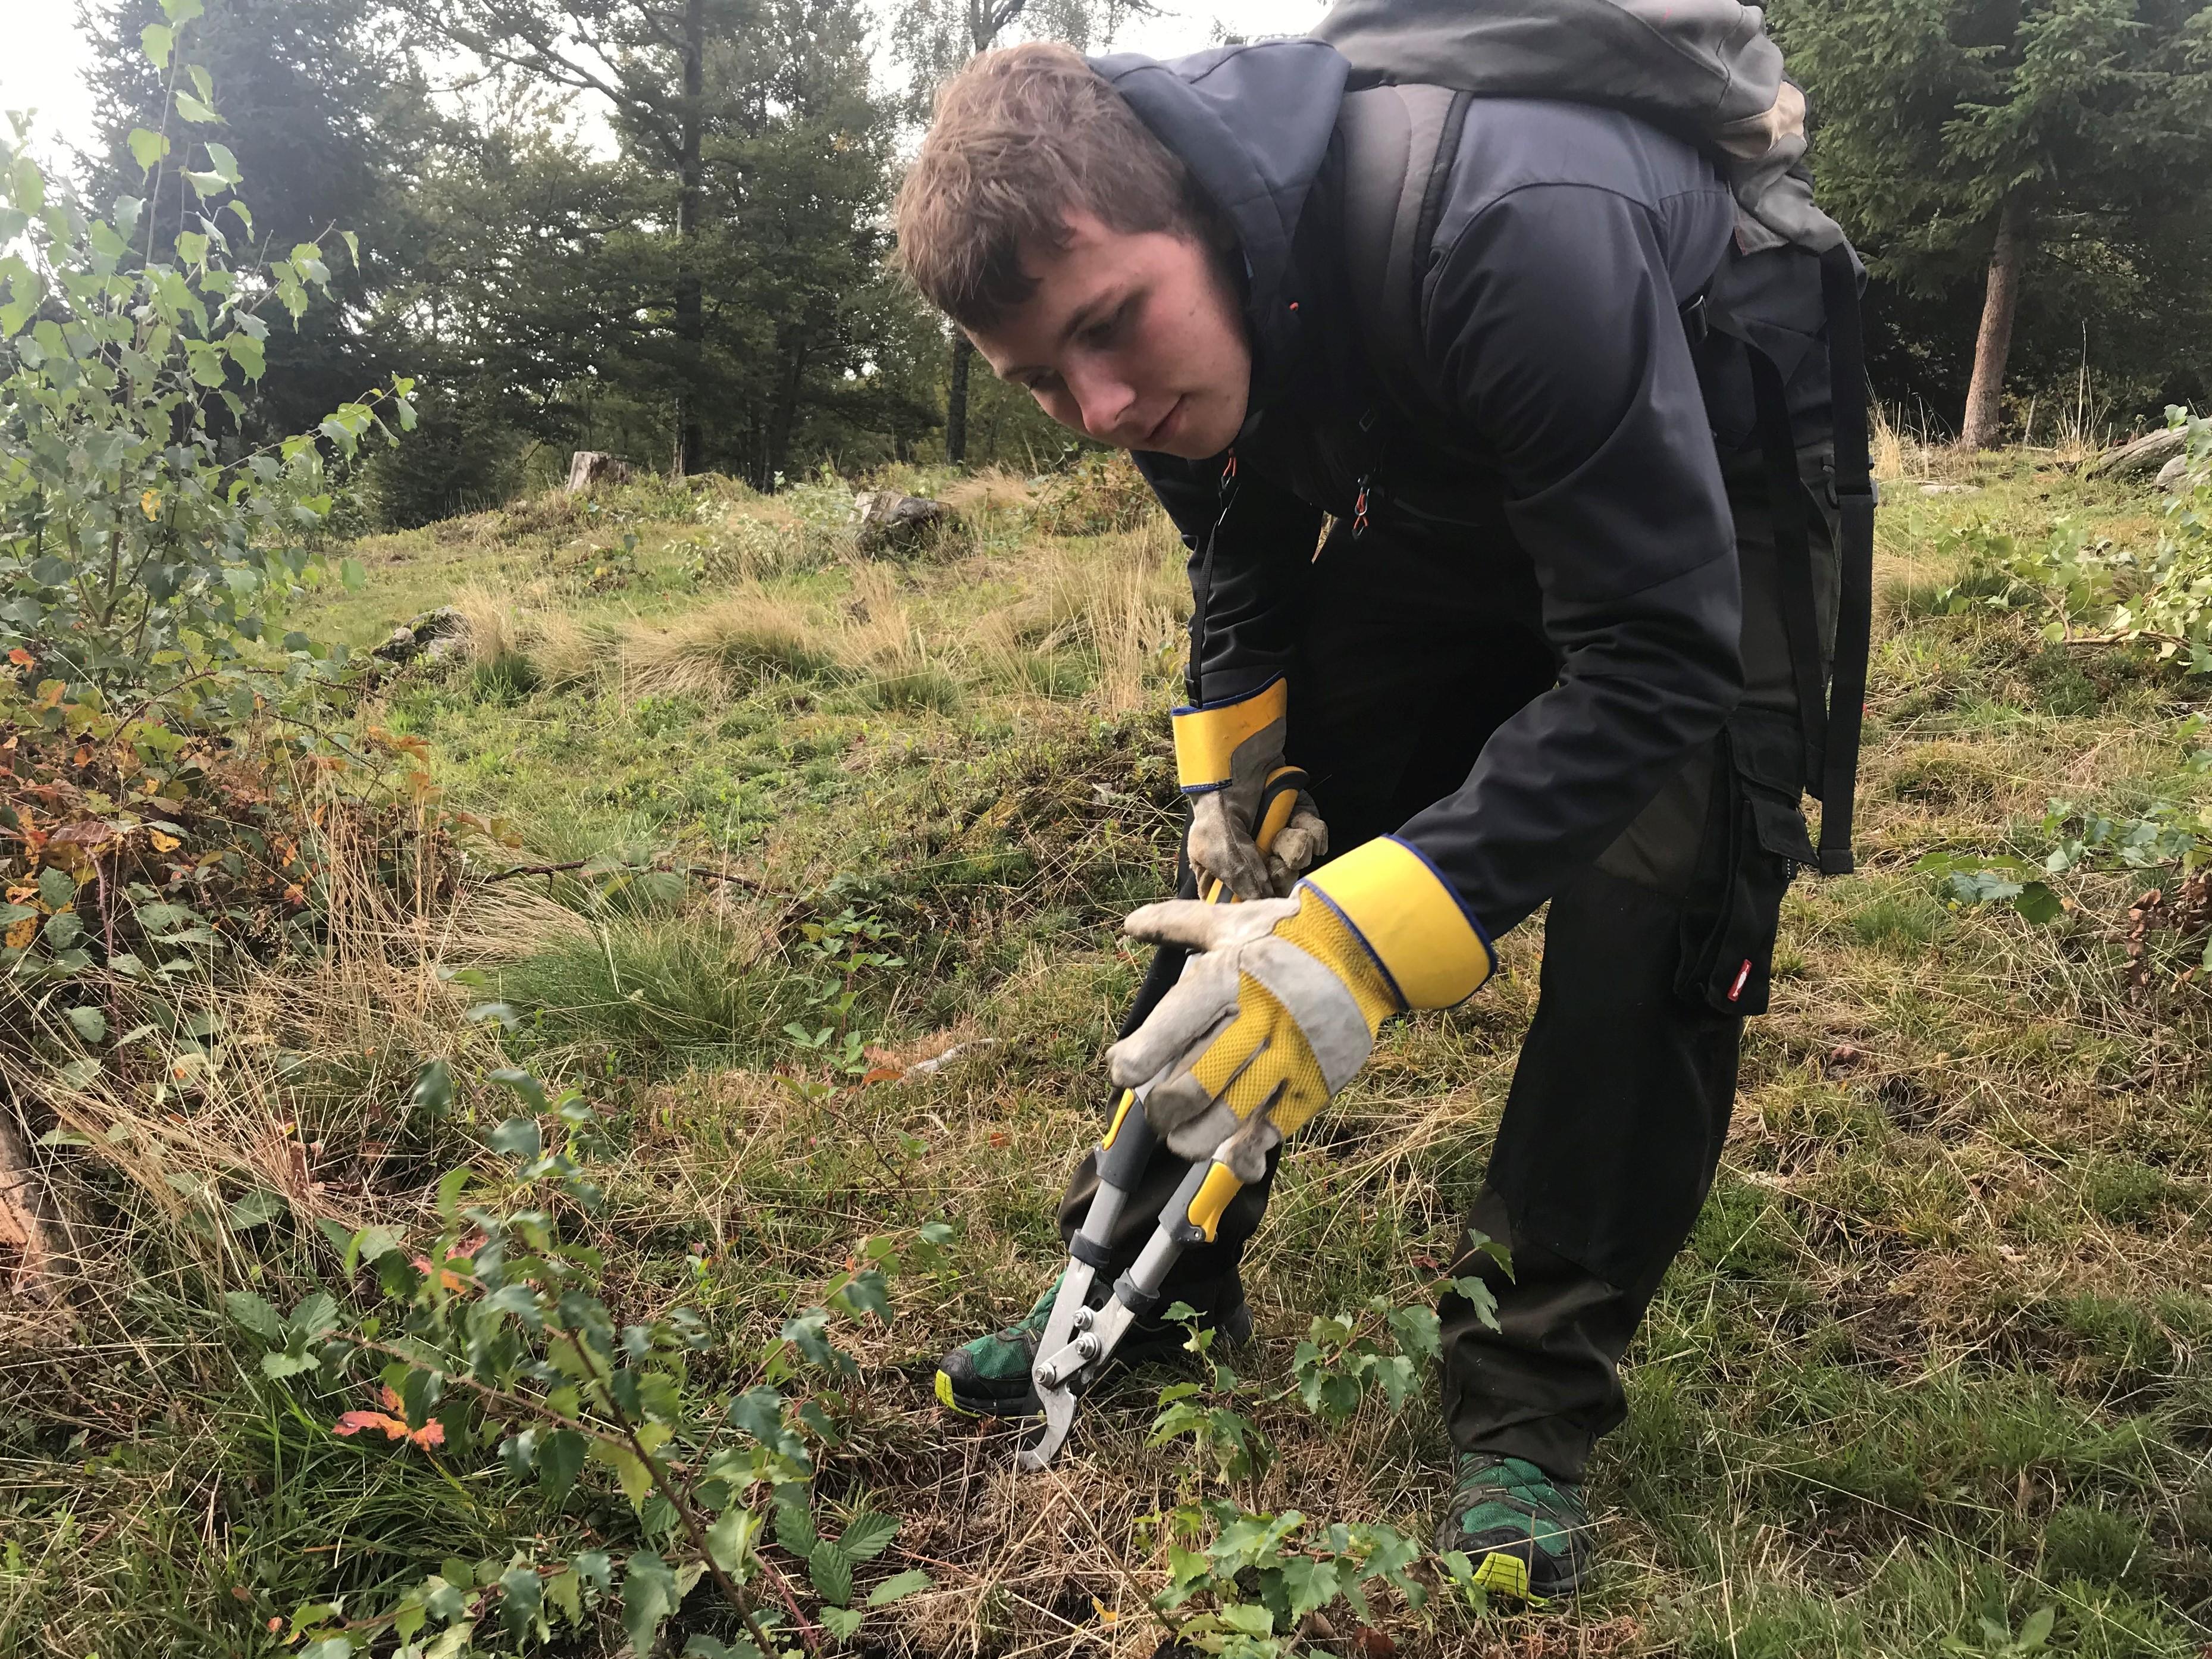 Landschaftspflege im Biosphärengebiet: 20 Helferinnen und Helfer befreien Kreuzfelsen in Dachsberg-Wittenschwand (Kreis Waldshut) von Bewuchs